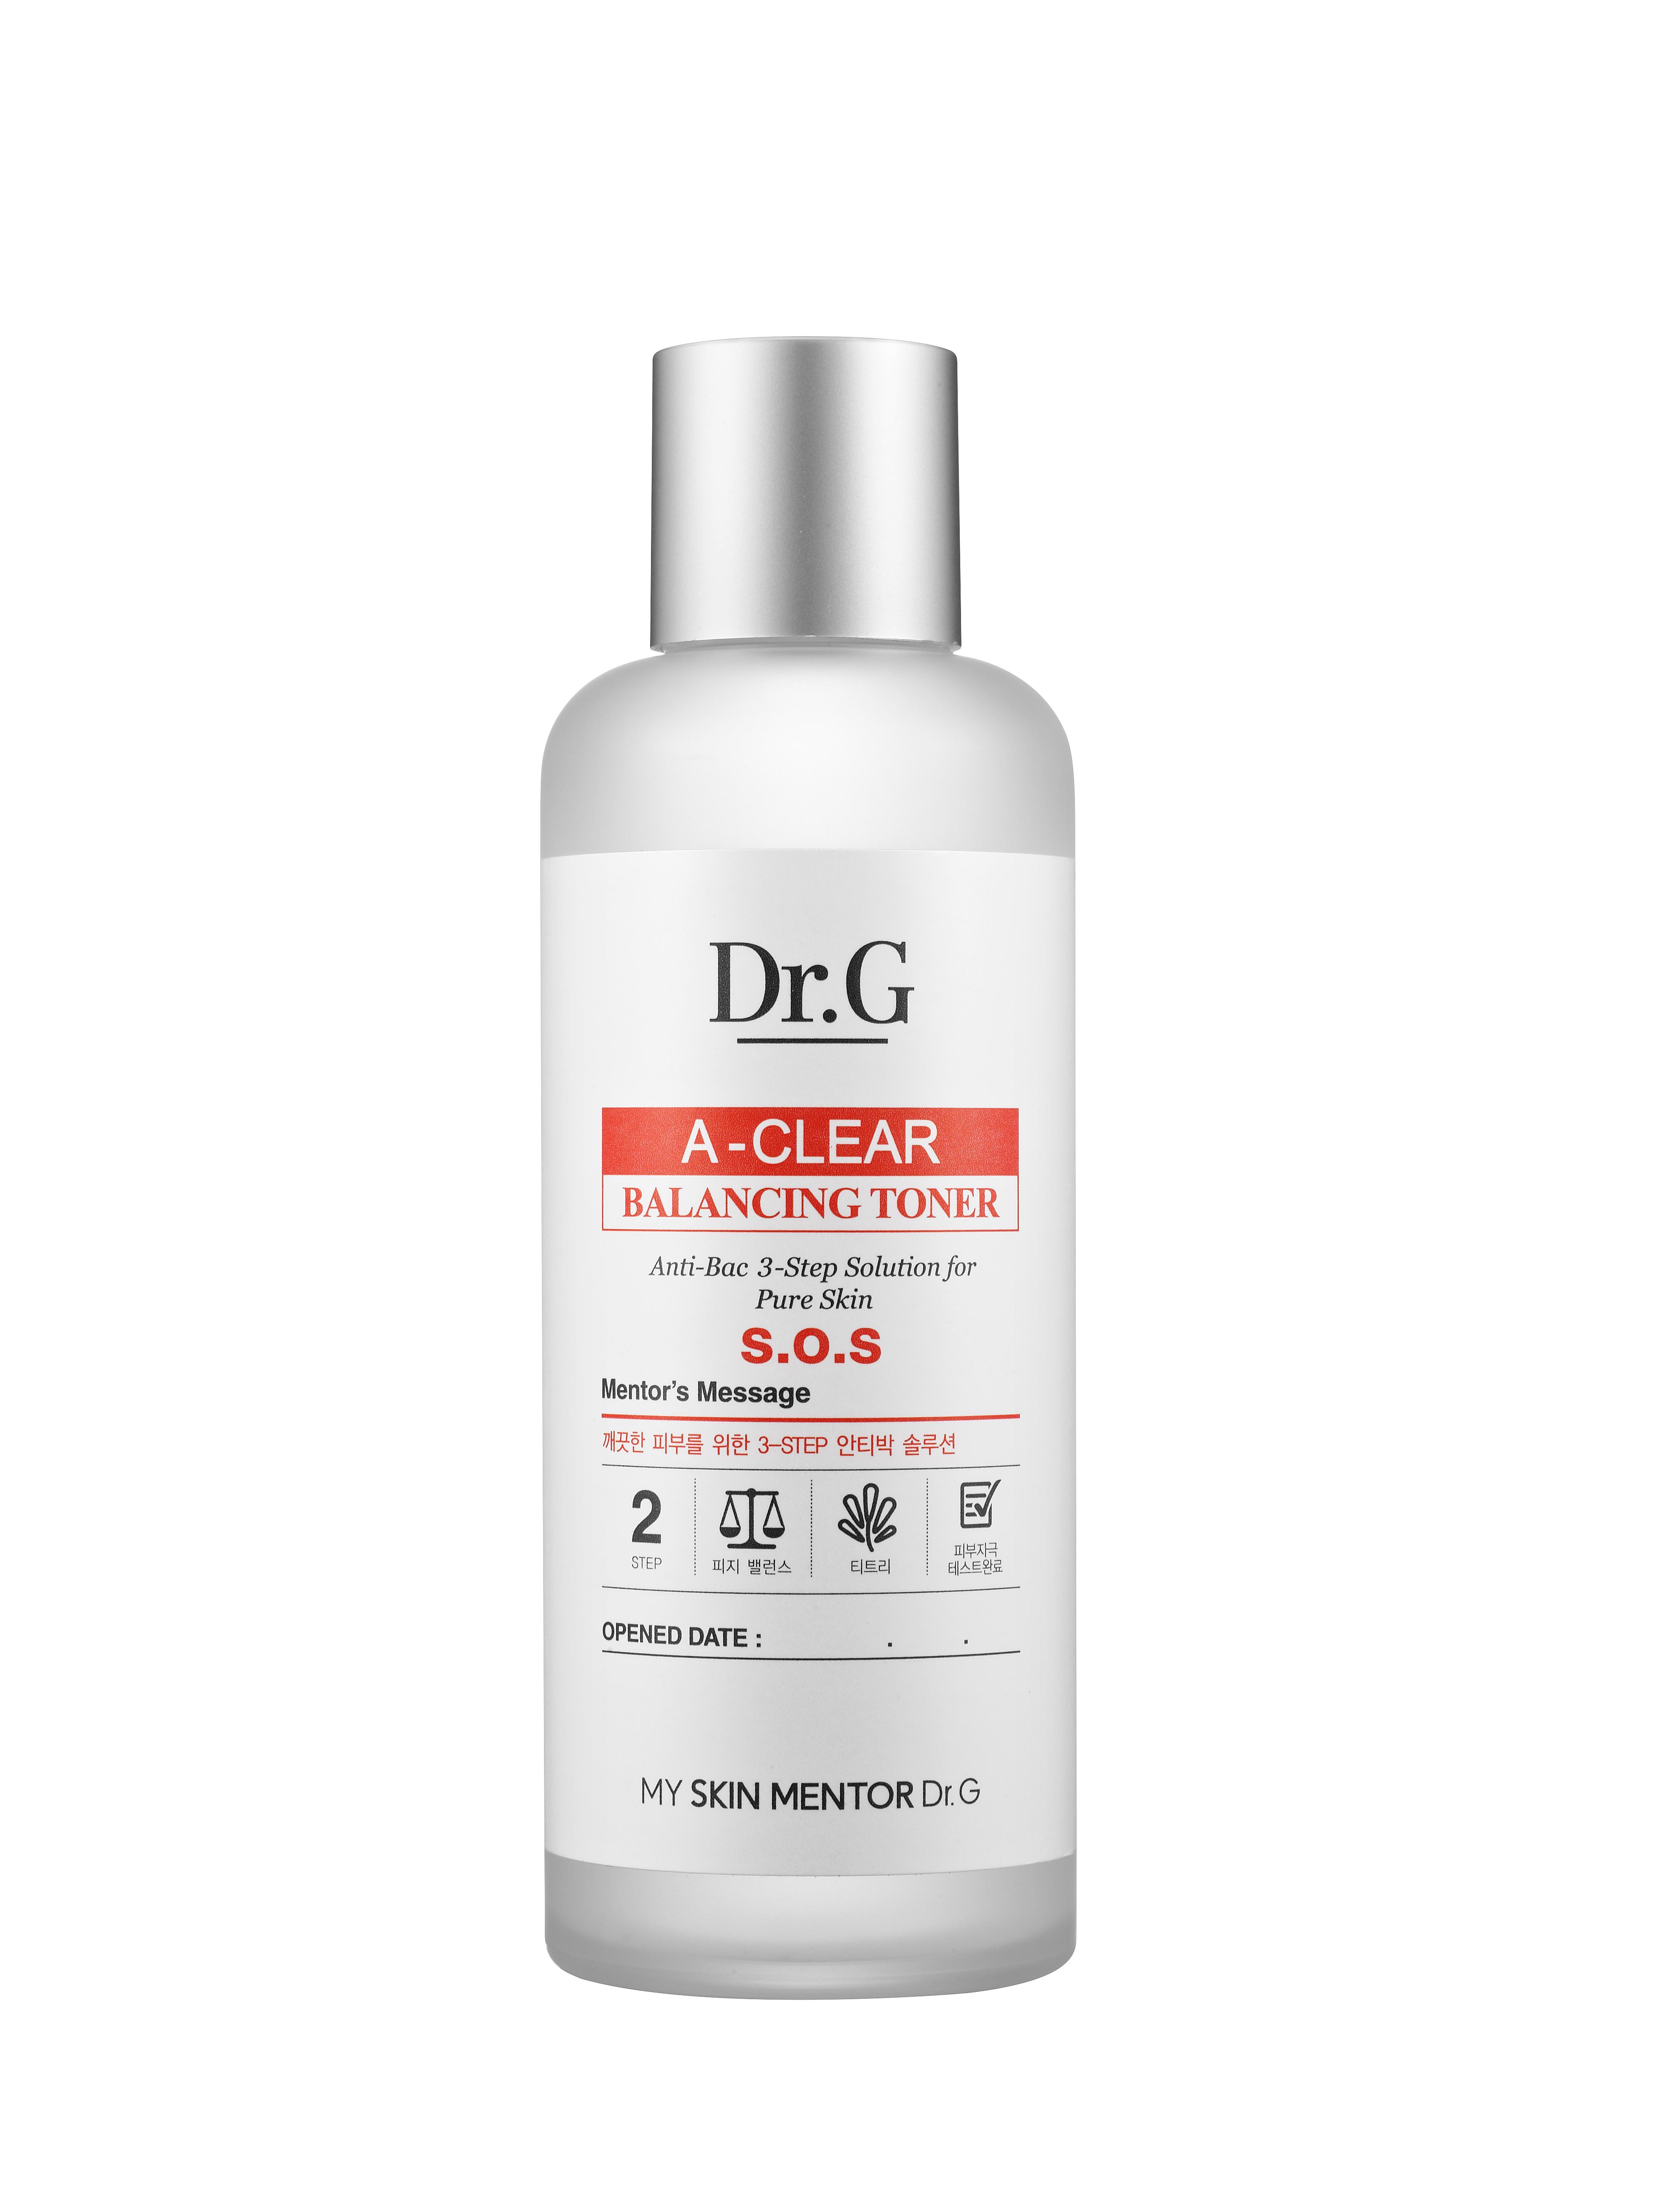 Dr. G Тоник балансирующий для проблемной кожи A-Clear, 170 млDG131327Тоник восстановливает гидро-липидный баланс, контролируя работу сальных желез. Хорошо очищает кожу от омертвевших клеток, избавляя от загрязнения, очищает поры.Салициловая кислота оказывает антибактериальное воздействие, подавляя инфекции. Идеально подходит для проблемной кожи, предотвращает появление прыщей.